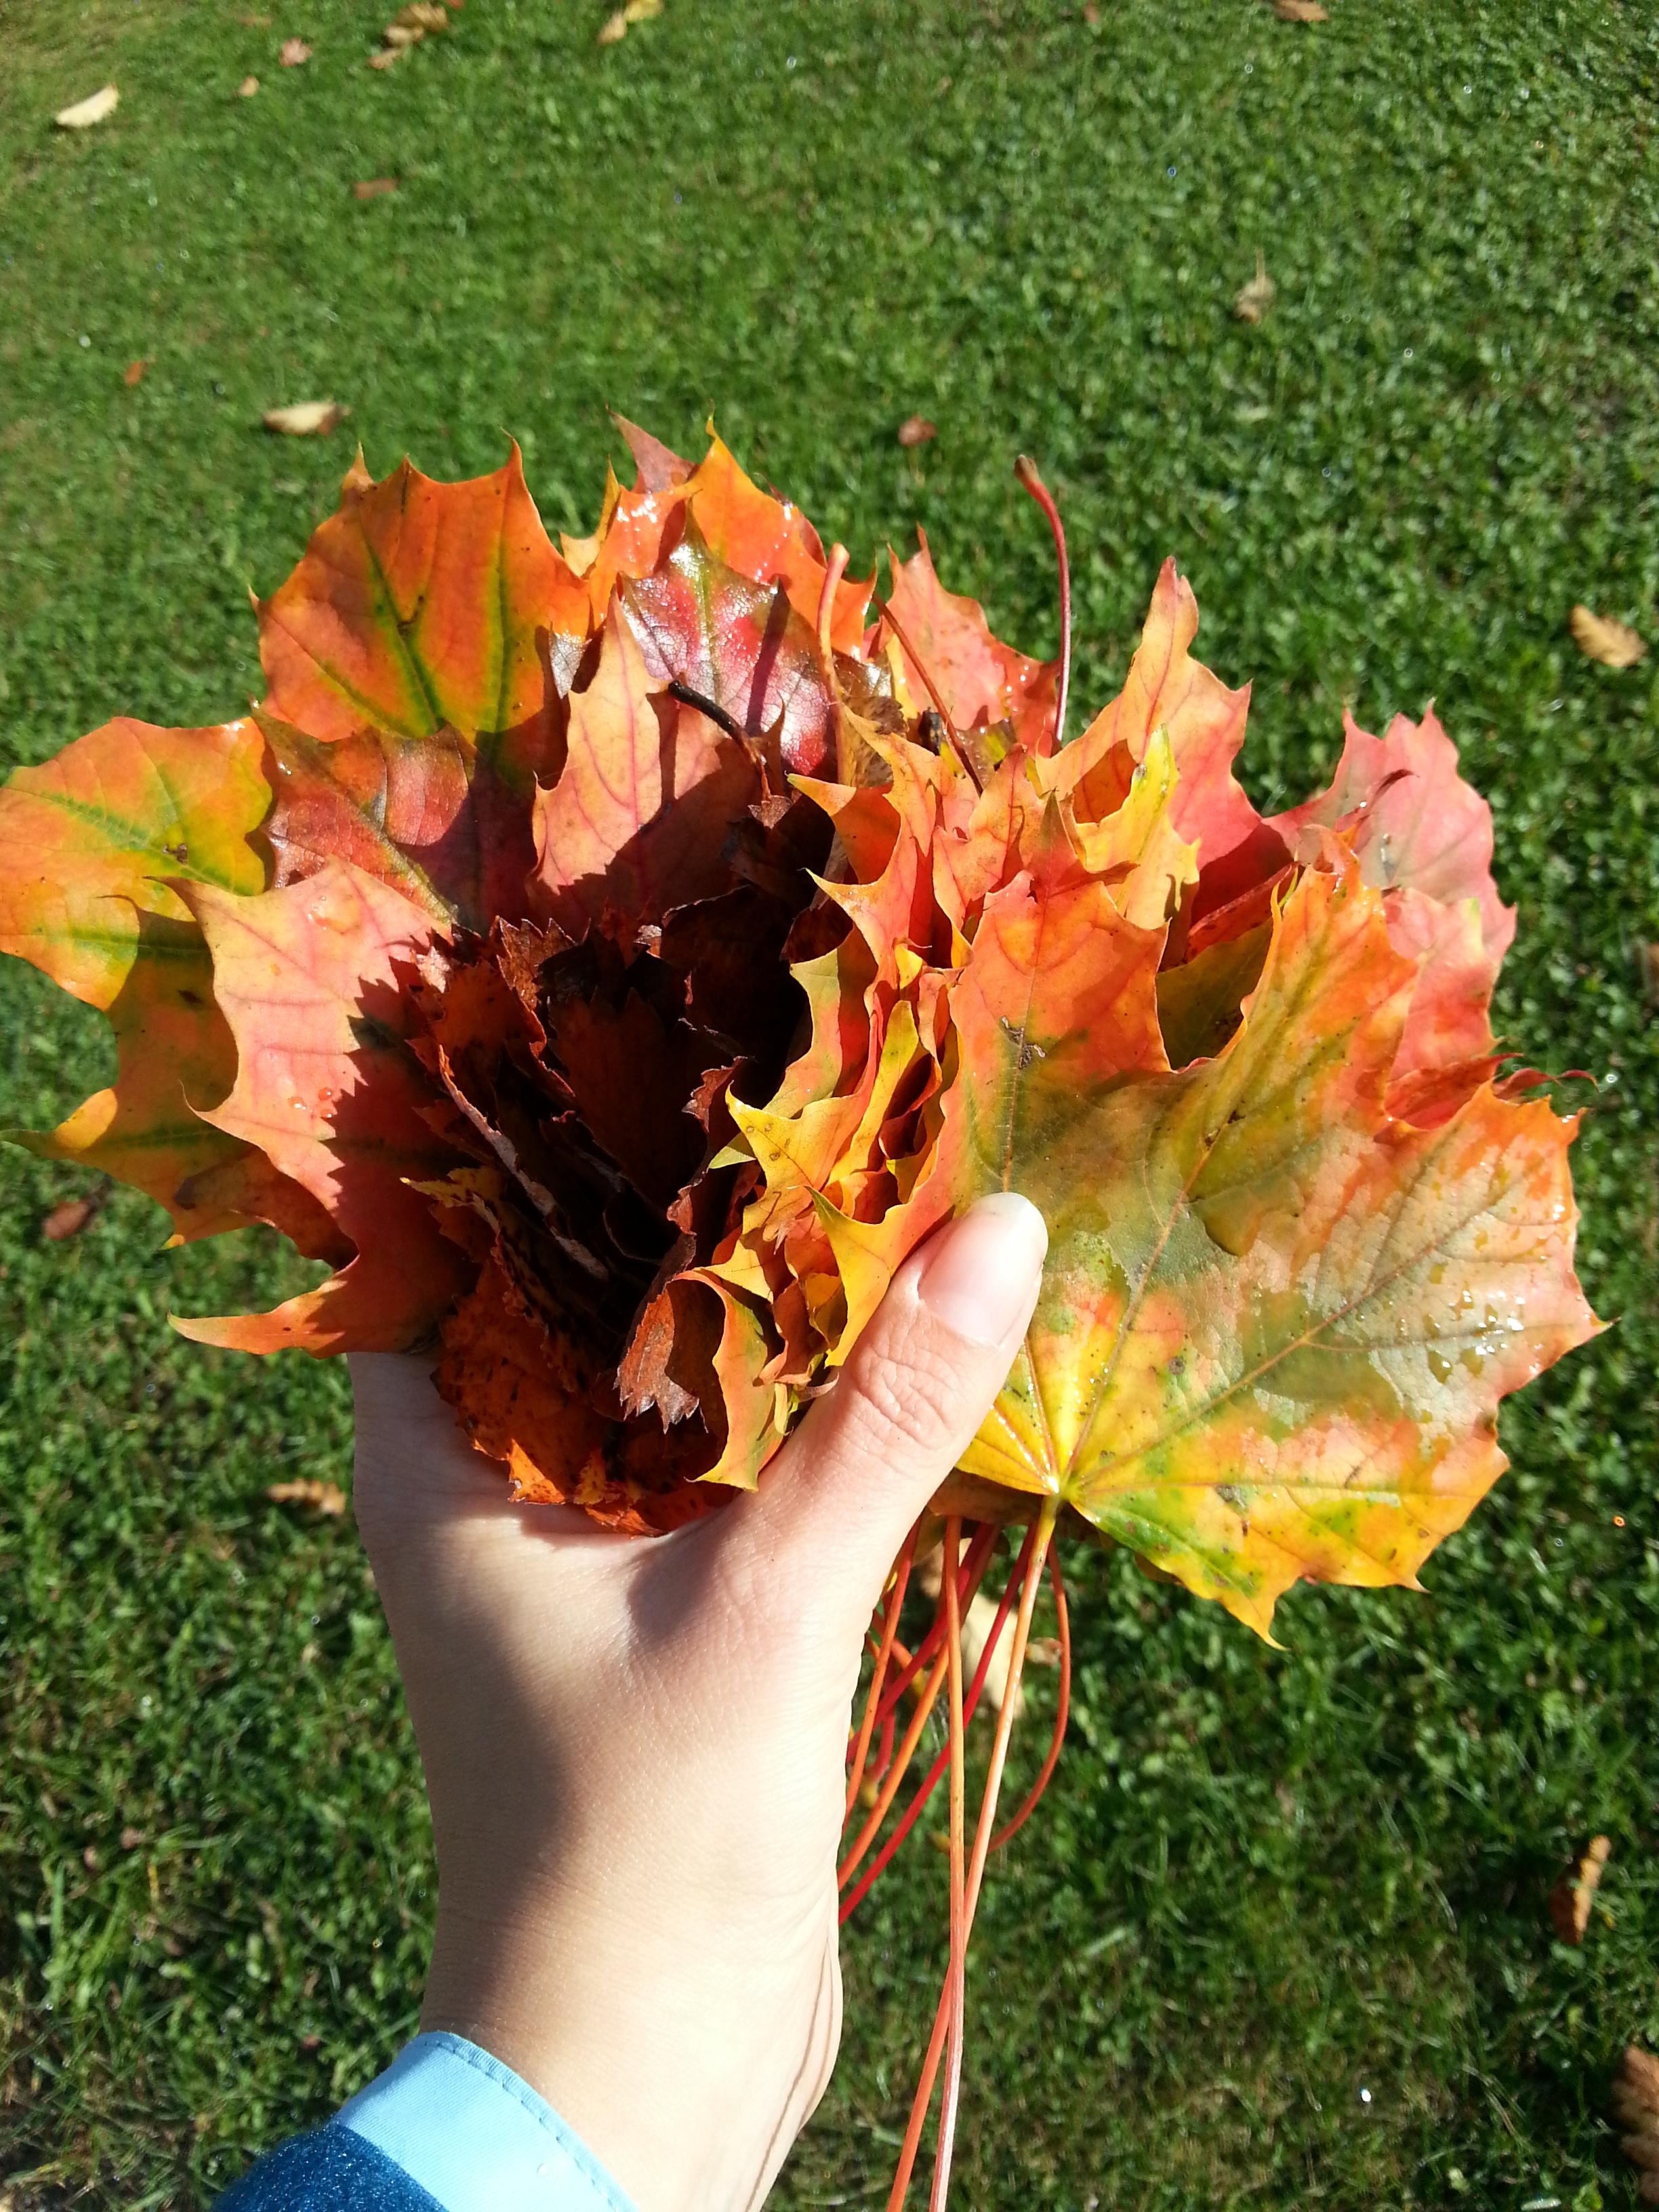 Blätter, Blätter, überall! Wir basteln mit Blättern! - Kinderchaos ...